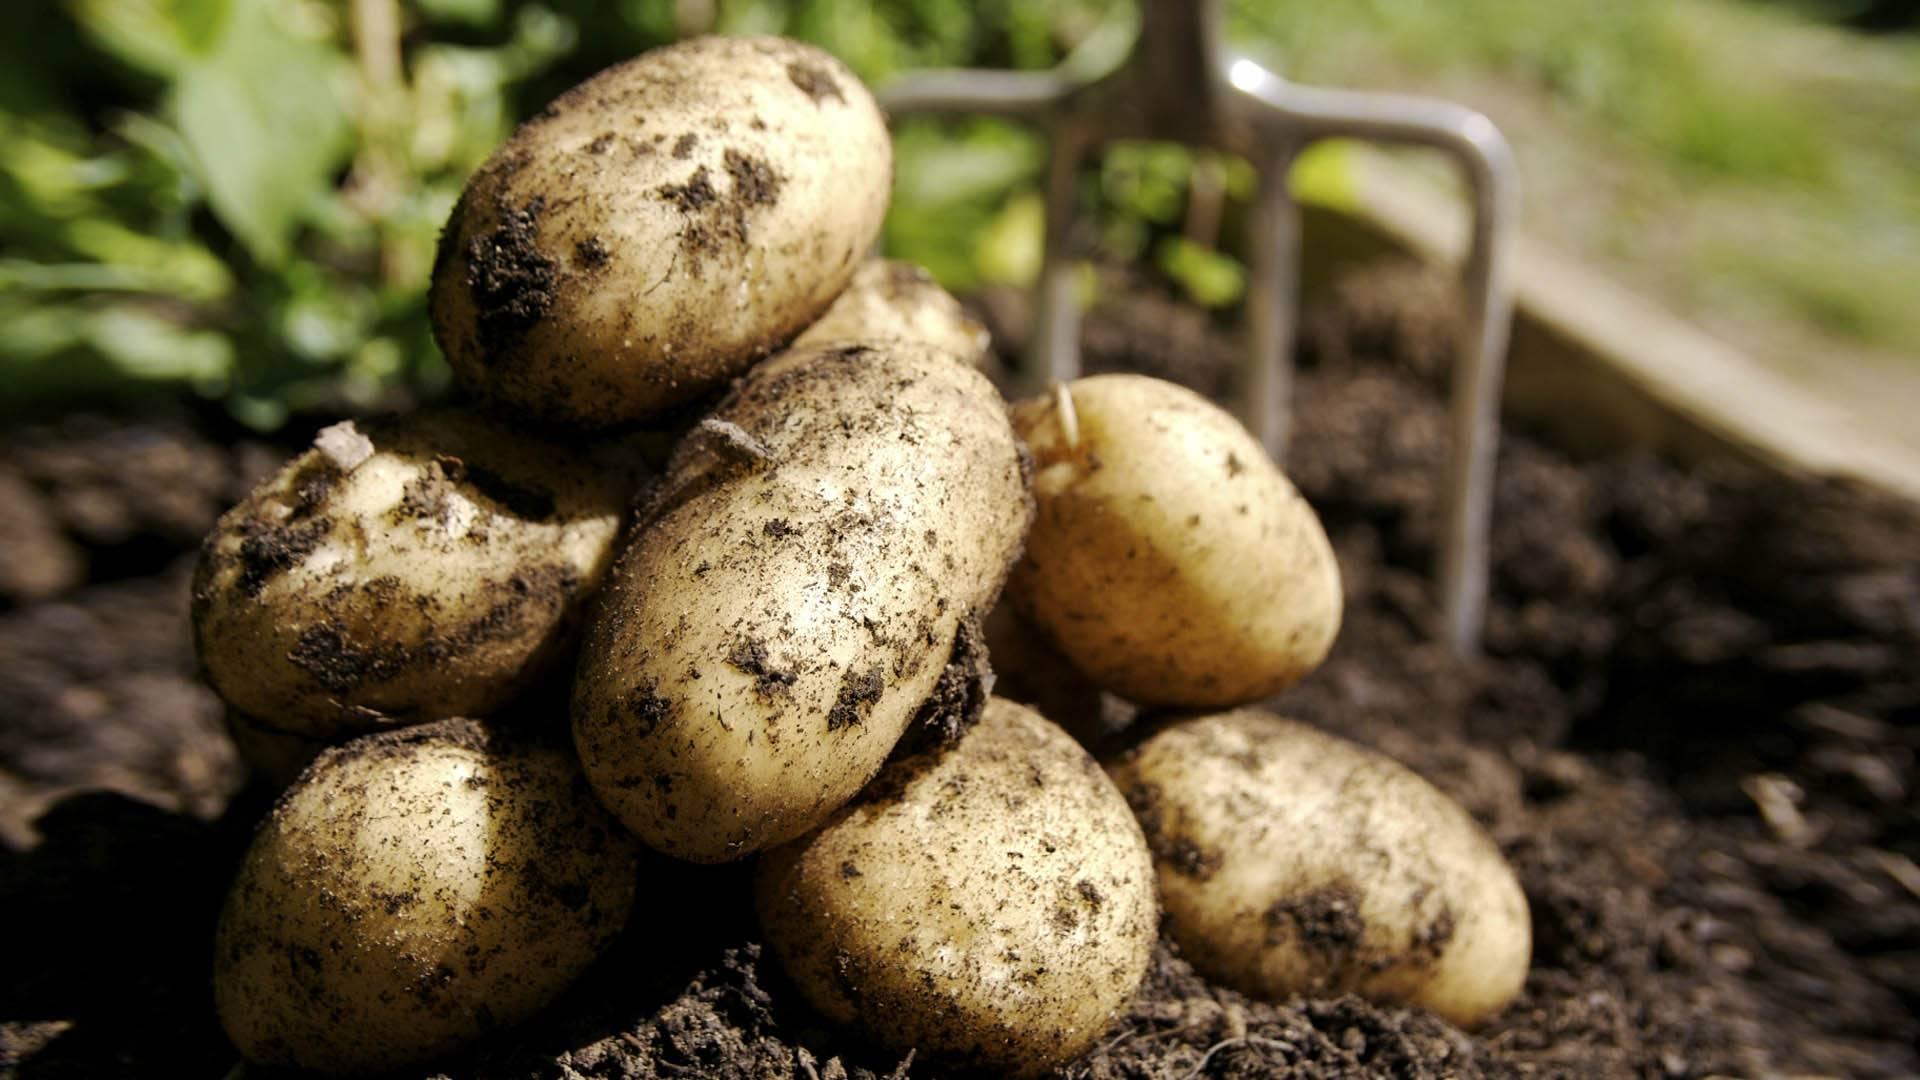 Химический состав картофеля: белки, жиры, углеводы и т.д.